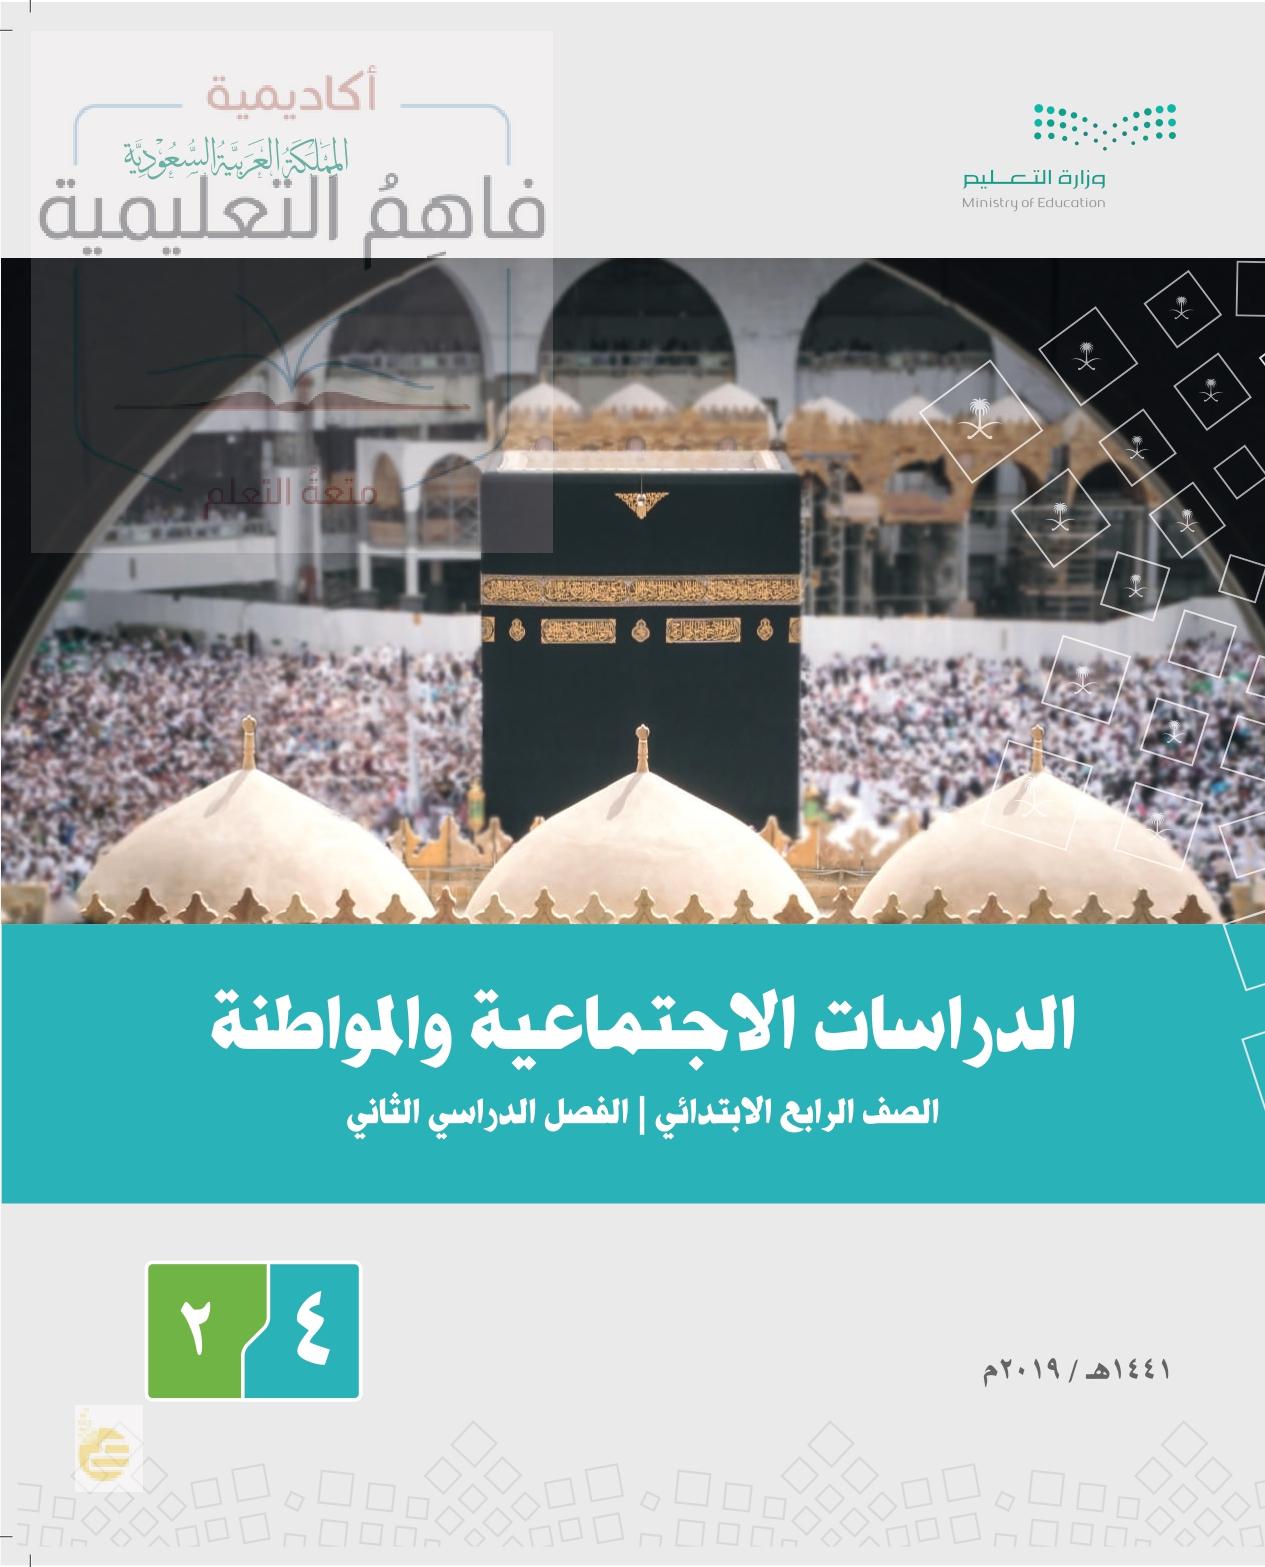 حل الدراسات الاجتماعية للصف الرابع | الوحدة 9 |المواطنة المسؤولة | صفحة 98-116